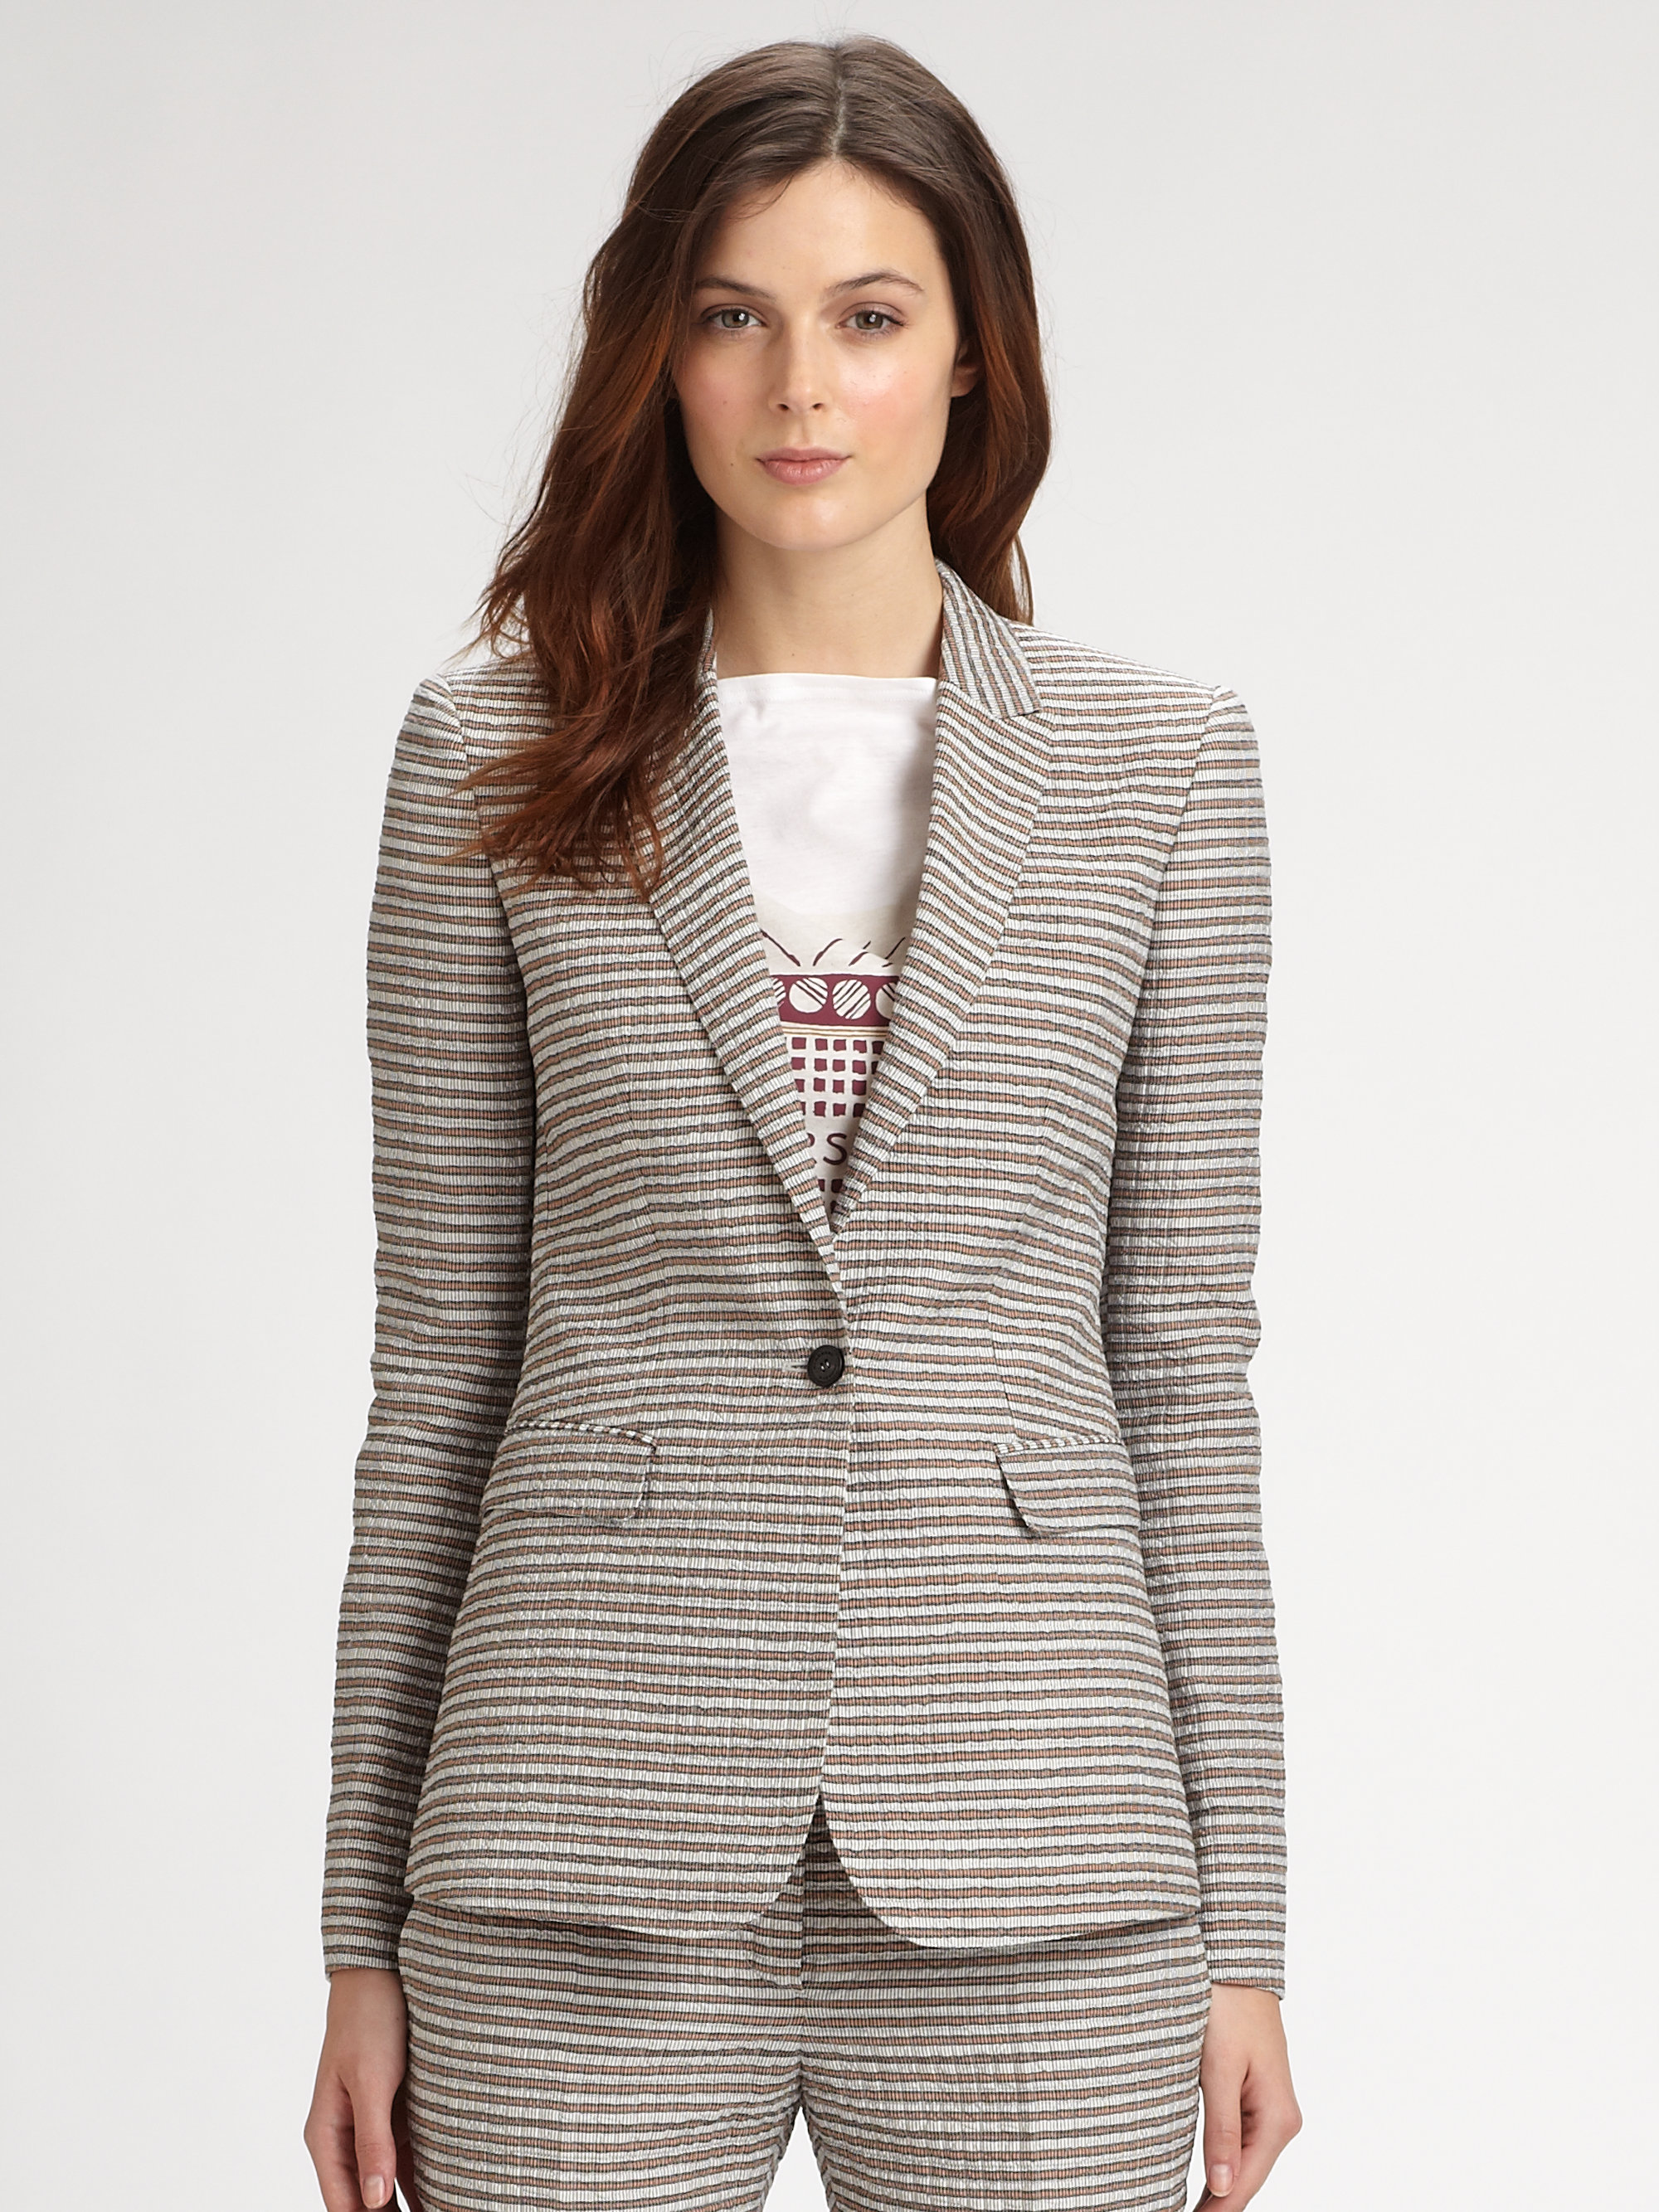 lyst burberry prorsum seersucker jacket in gray. Black Bedroom Furniture Sets. Home Design Ideas